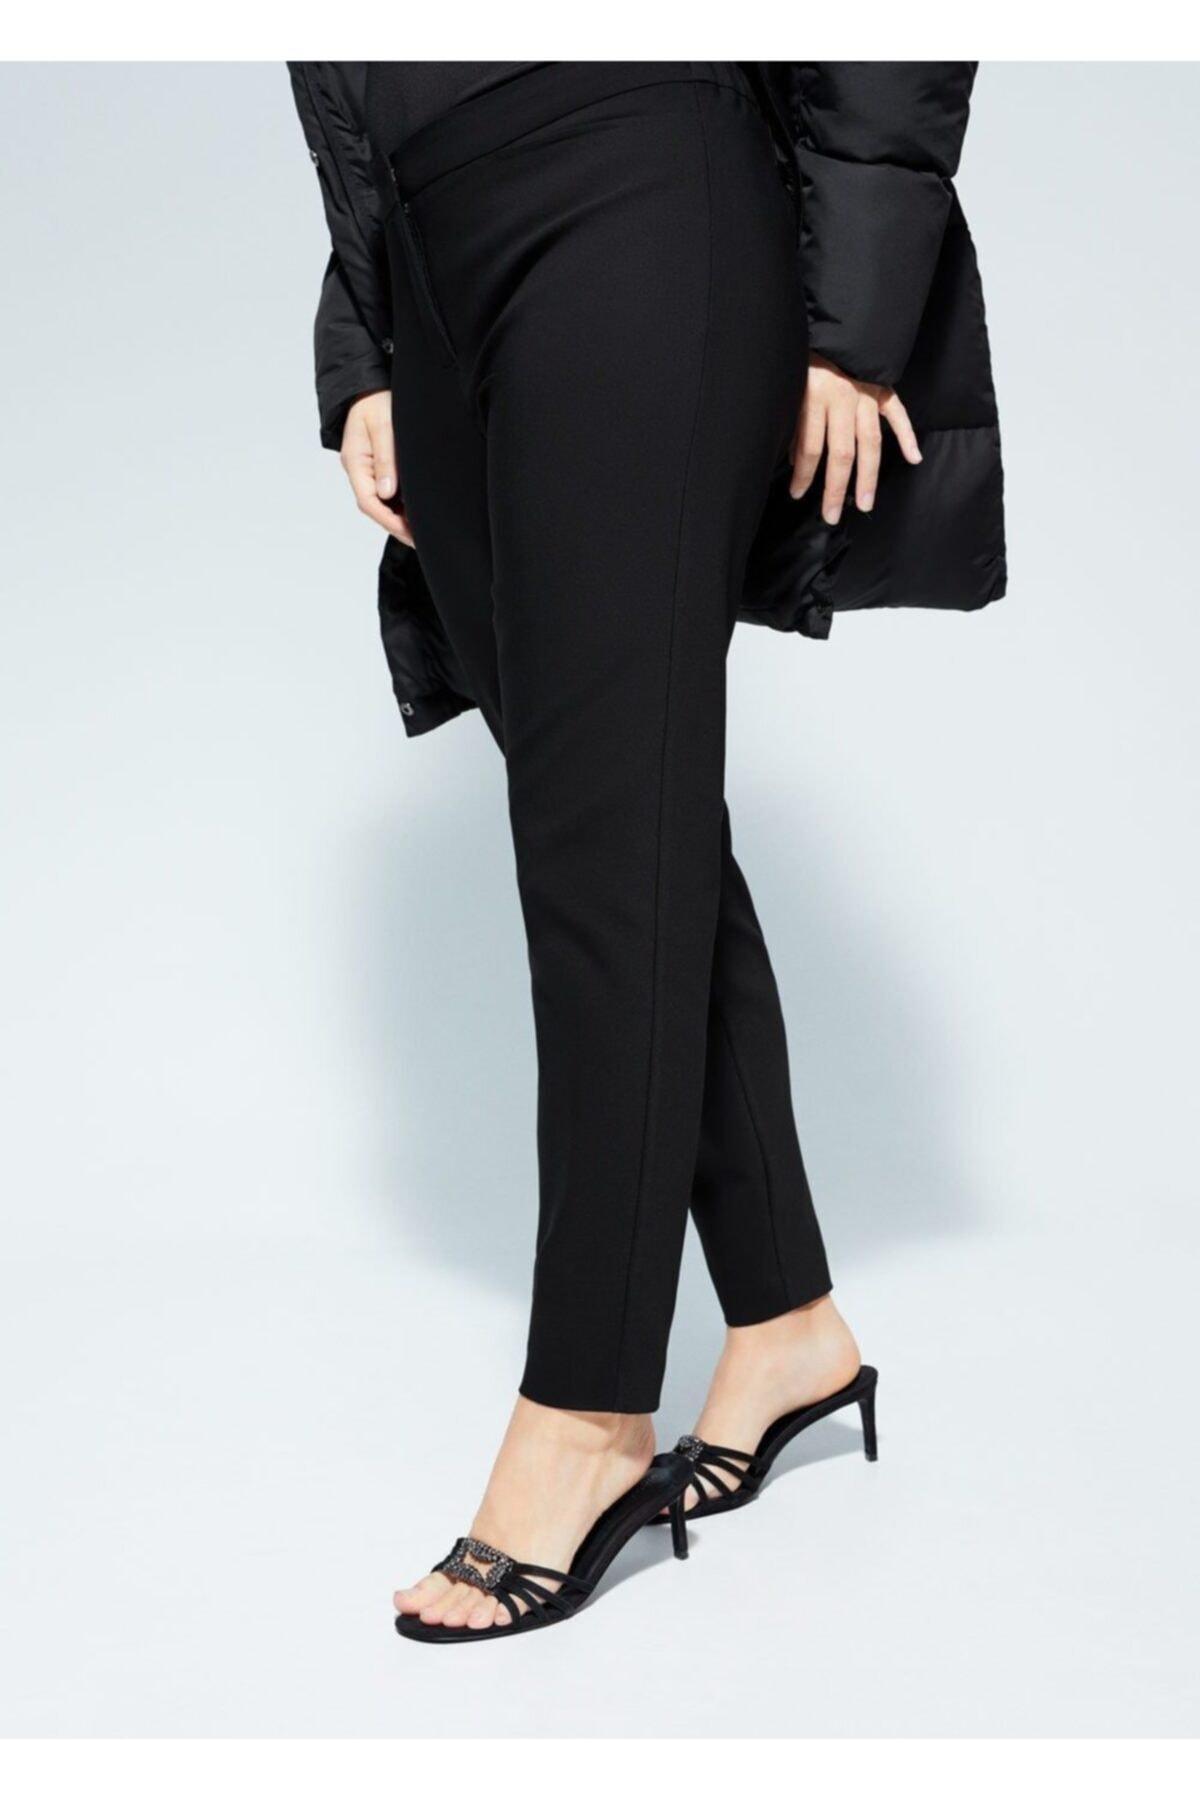 Violeta by MANGO Kadın Siyah Dar Kesimli Takım Pantolon  67050109 1